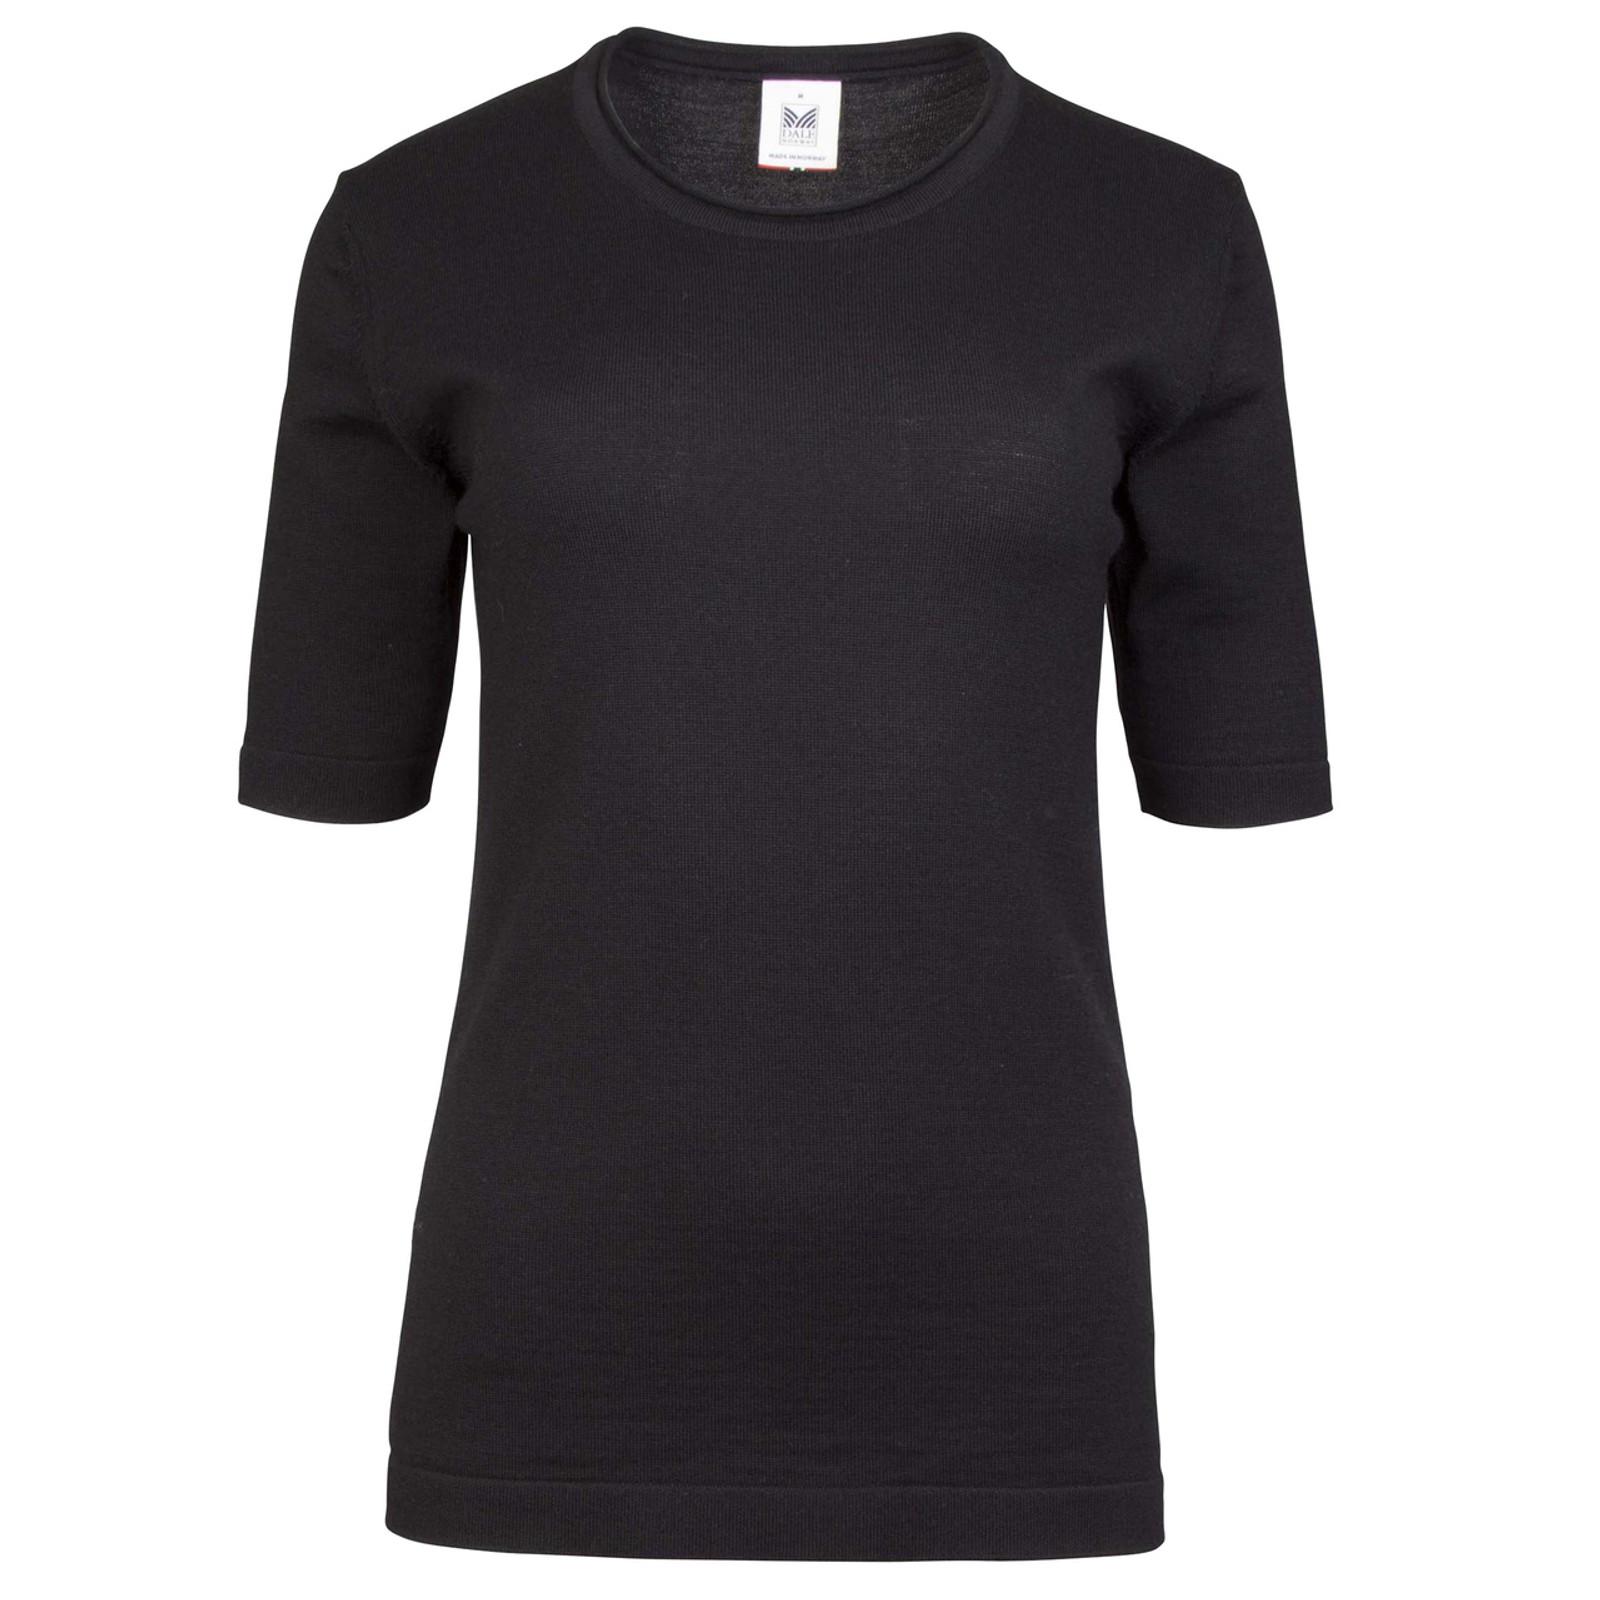 Dale of Norway Stjerne Ladies T-shirt, in Black/Dark Charcoal, 93741-F